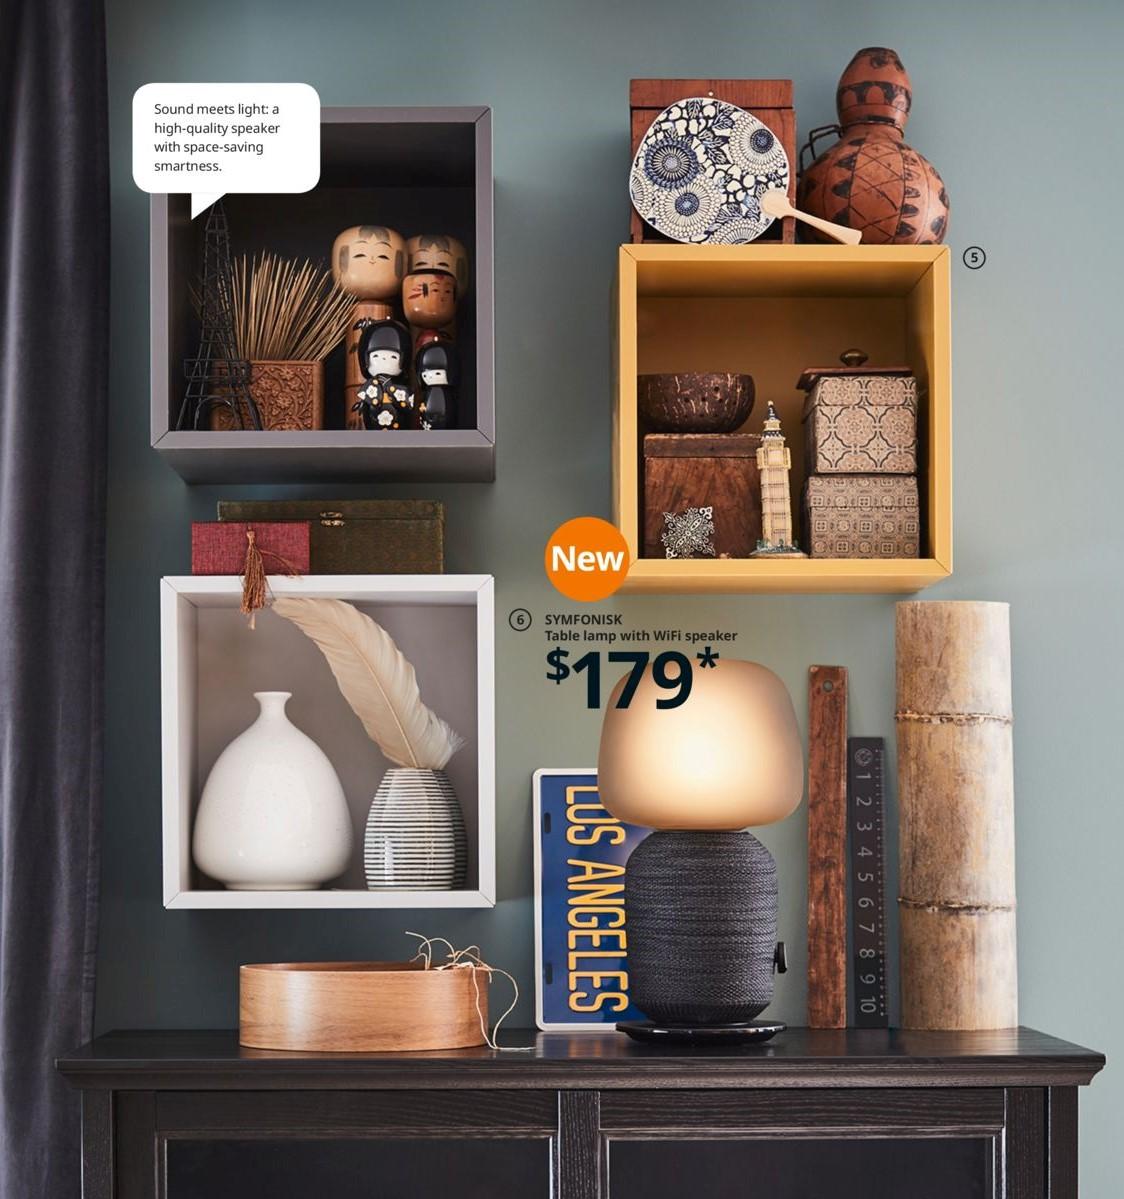 IKEA 懸牆收納櫃佈置靈感